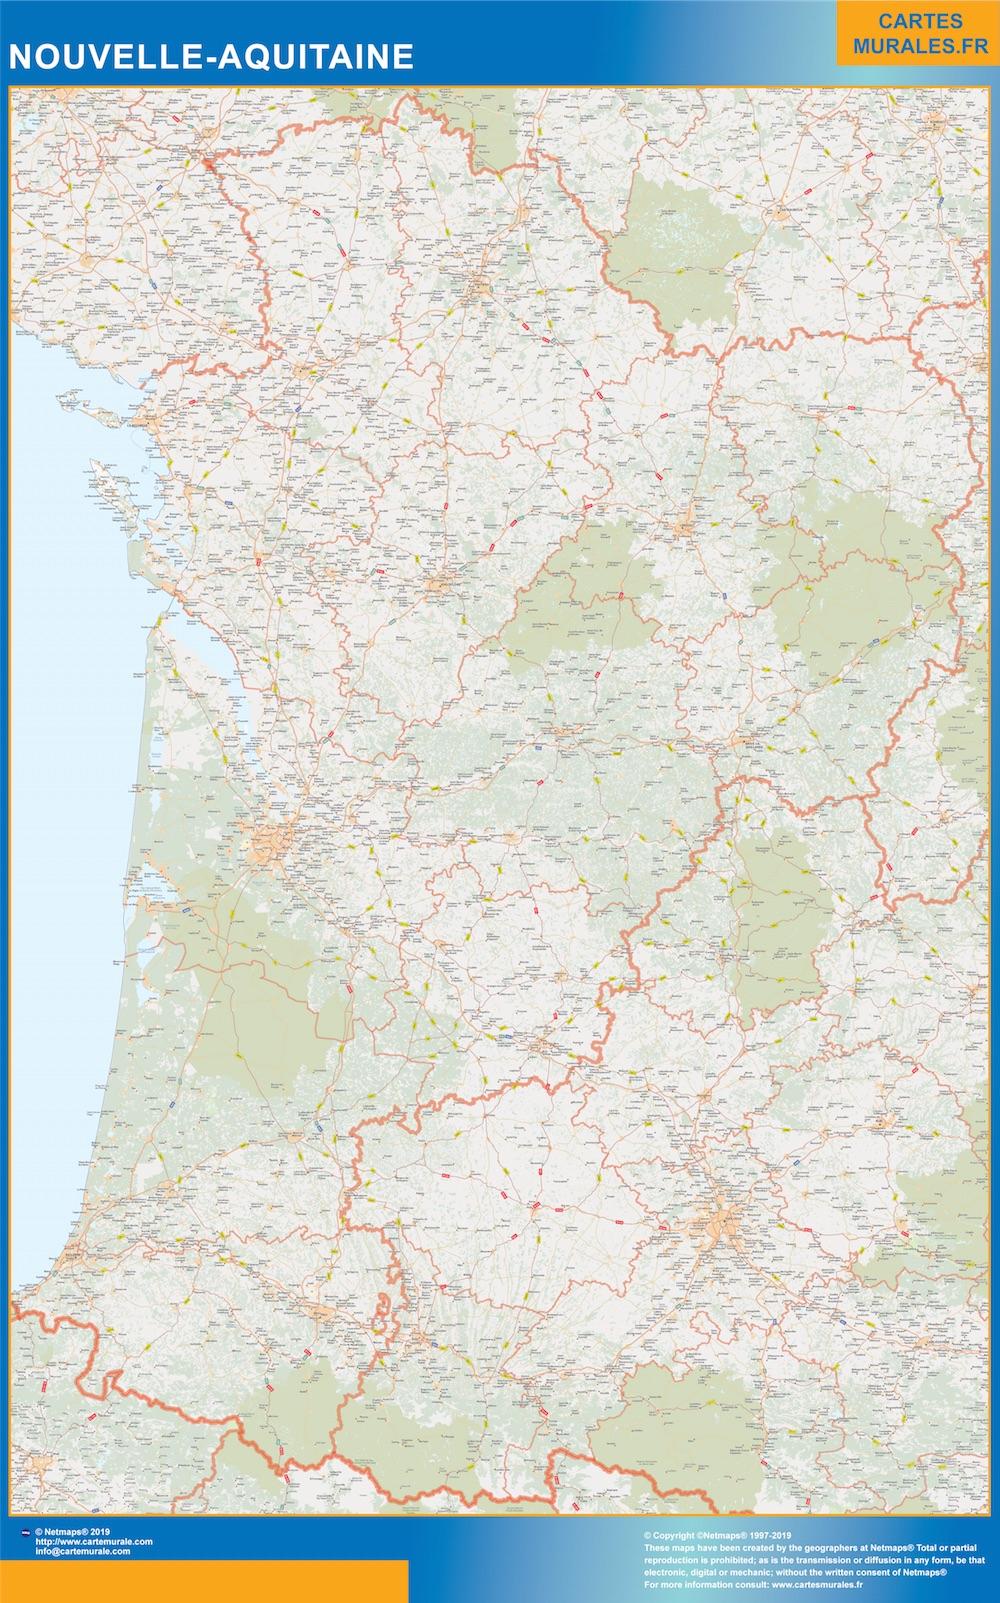 Carte Region Nouvelle Aquitaine | Cartes Murales France serapportantà Carte De France Nouvelle Region